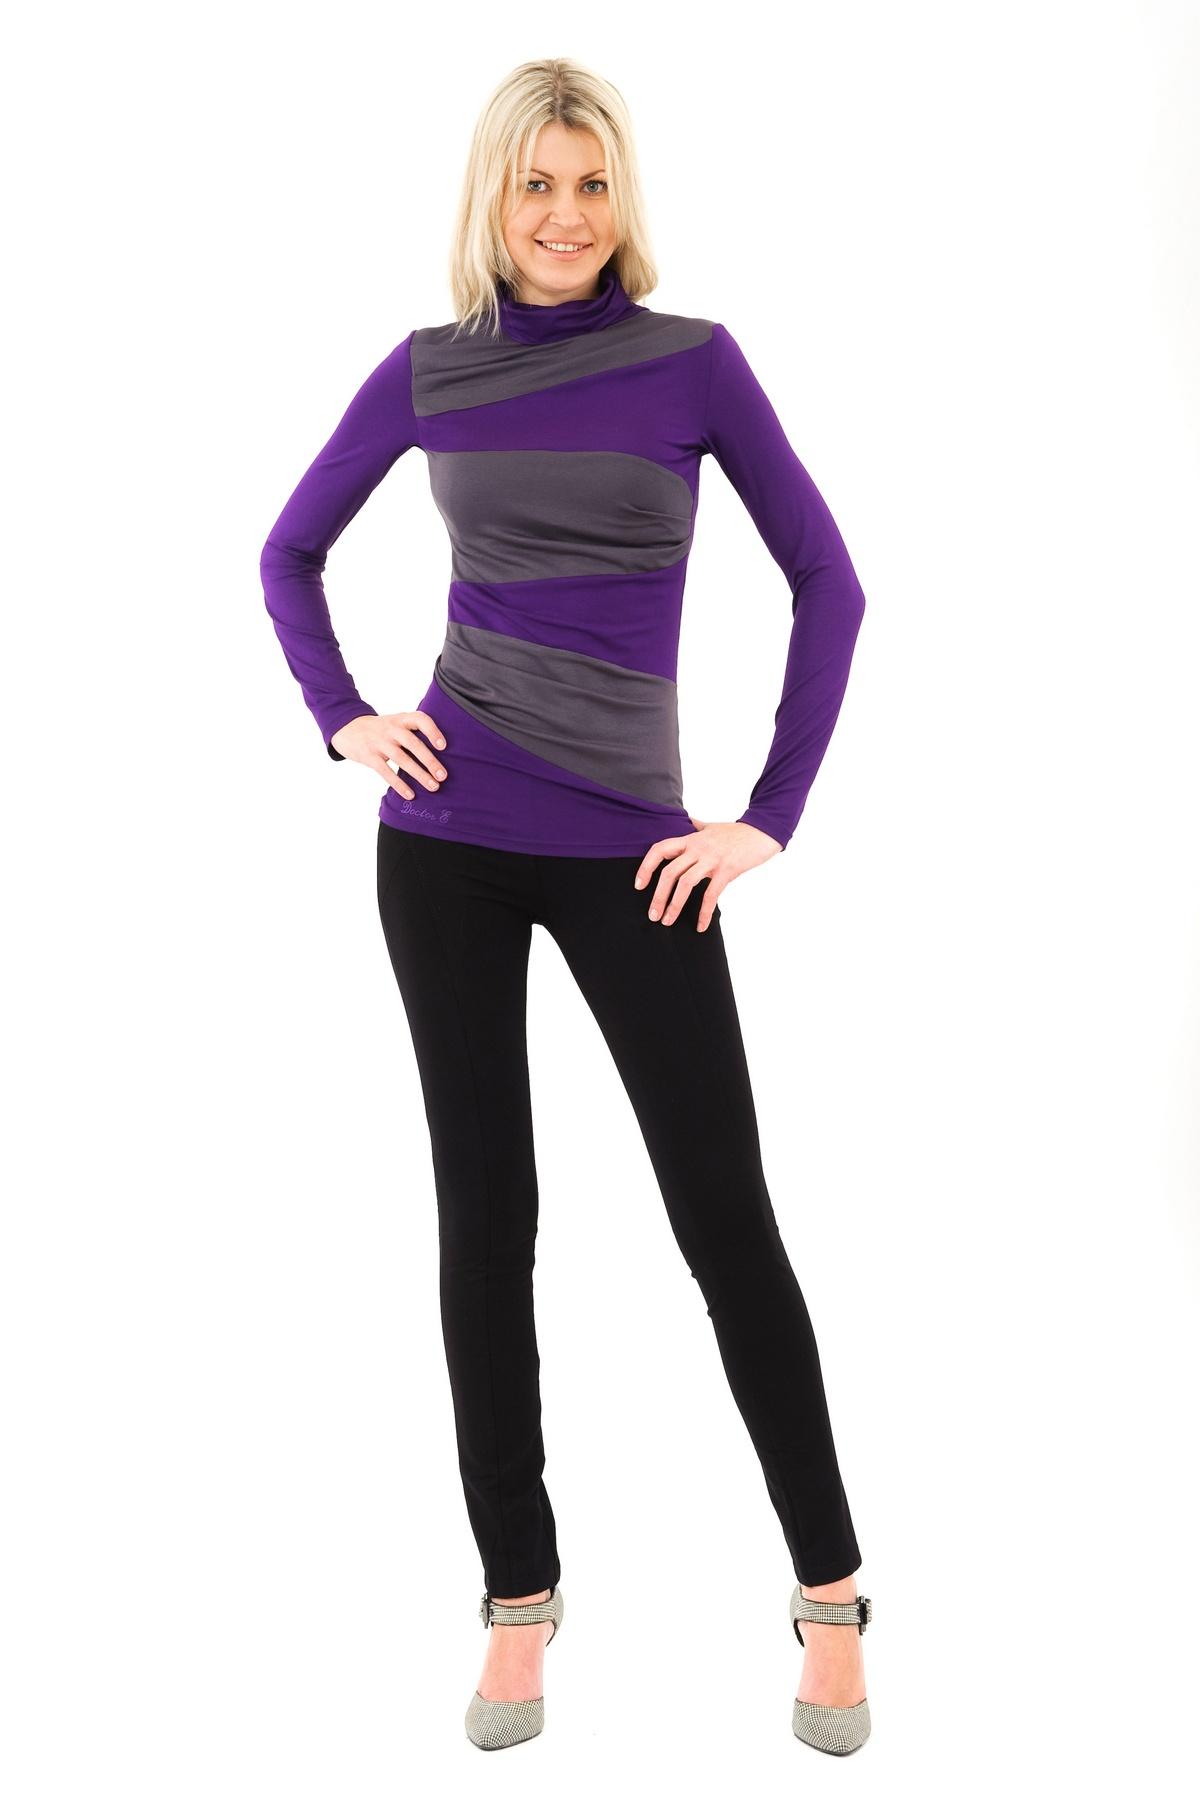 ВодолазкаТрикотаж<br>Модель облегающего покроя с воротником-стойкой, длинными рукавами. Выполнена из прекрасного мягкого трикотажа. Отличный вариант для создания повседневного стильного образа.<br><br>Цвет: фиолетовый,серый<br>Состав: 92% вискоза, 8% лайкра<br>Размер: 56,58,60<br>Страна дизайна: Россия<br>Страна производства: Россия